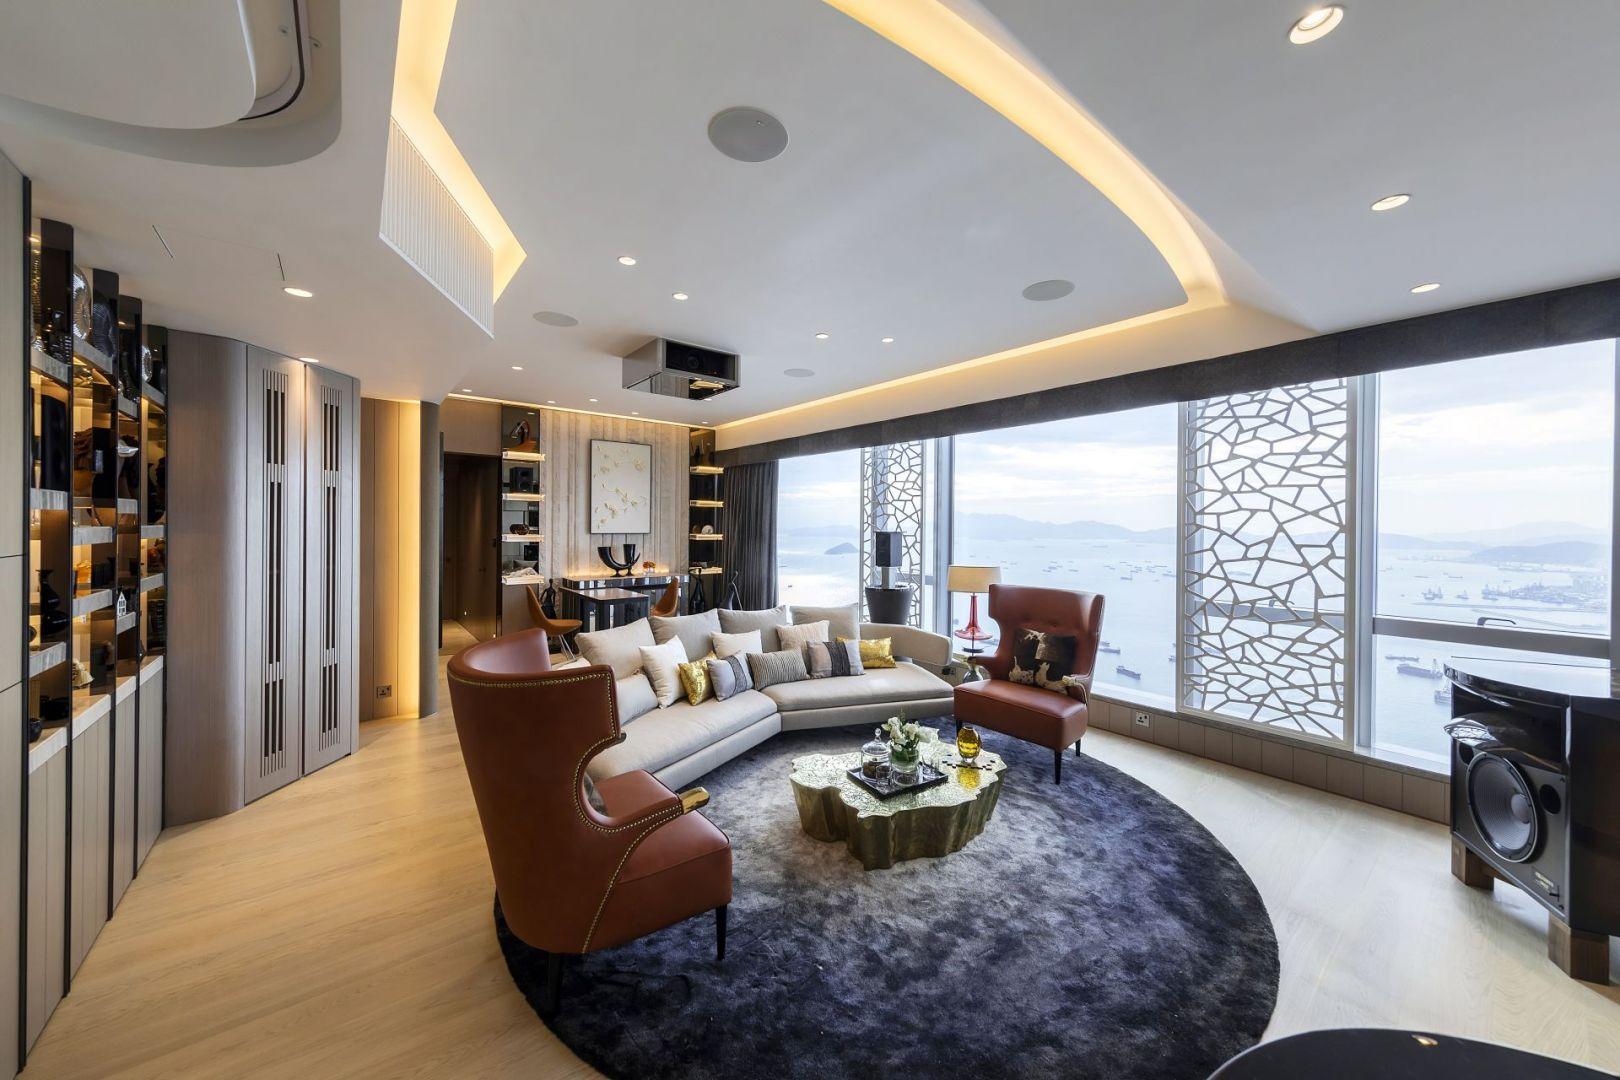 Luksusowy apartament wyposażony w sprzęt audio-wideo i meble z górnej półki. Projekt: Cameron Interiors. Fot. mat. prasowe Brabbu